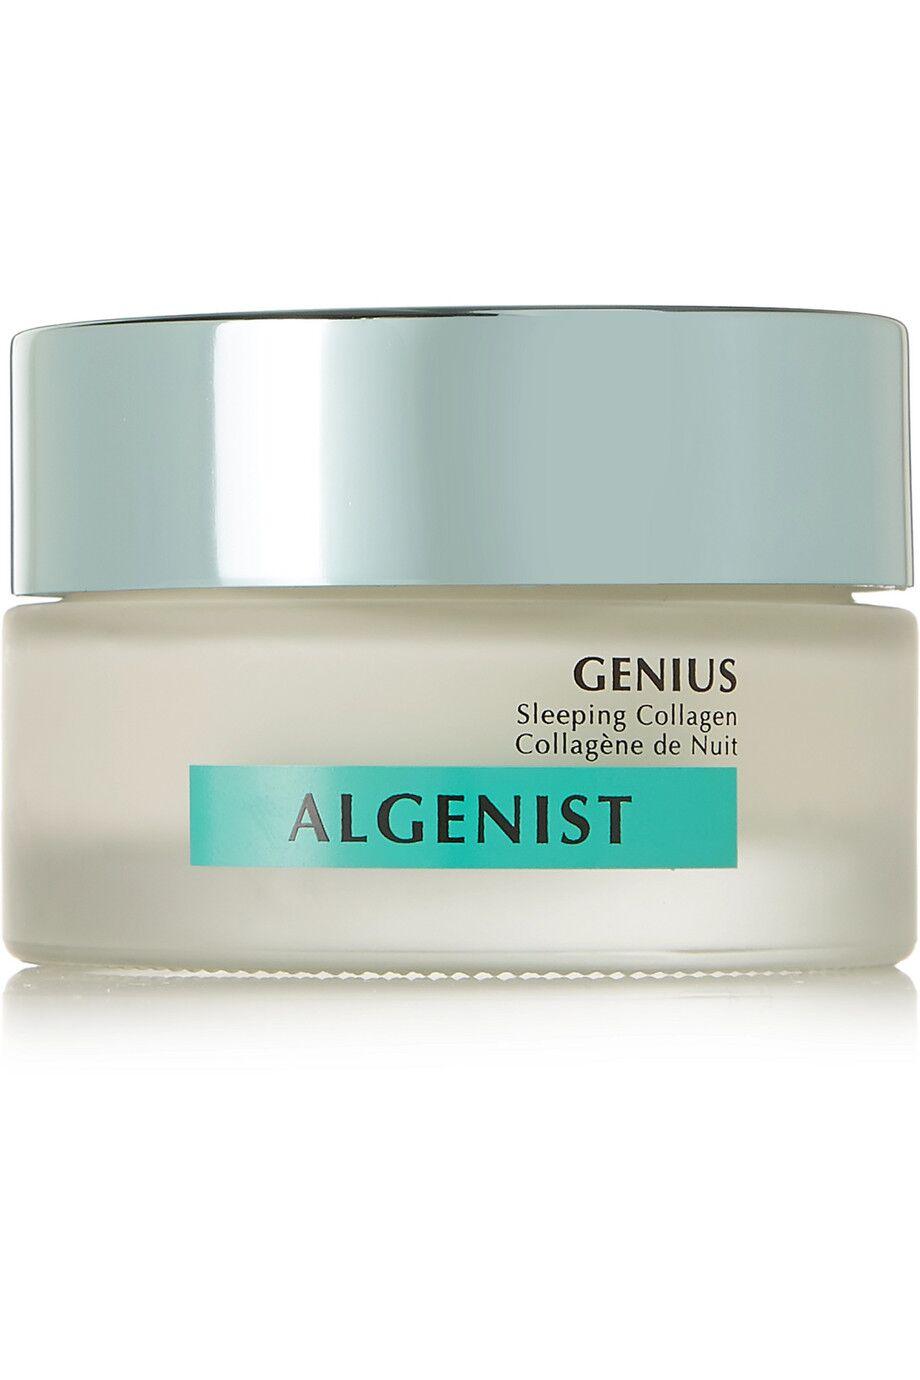 Algenist Genius Sleeping Collagen, 60 ml